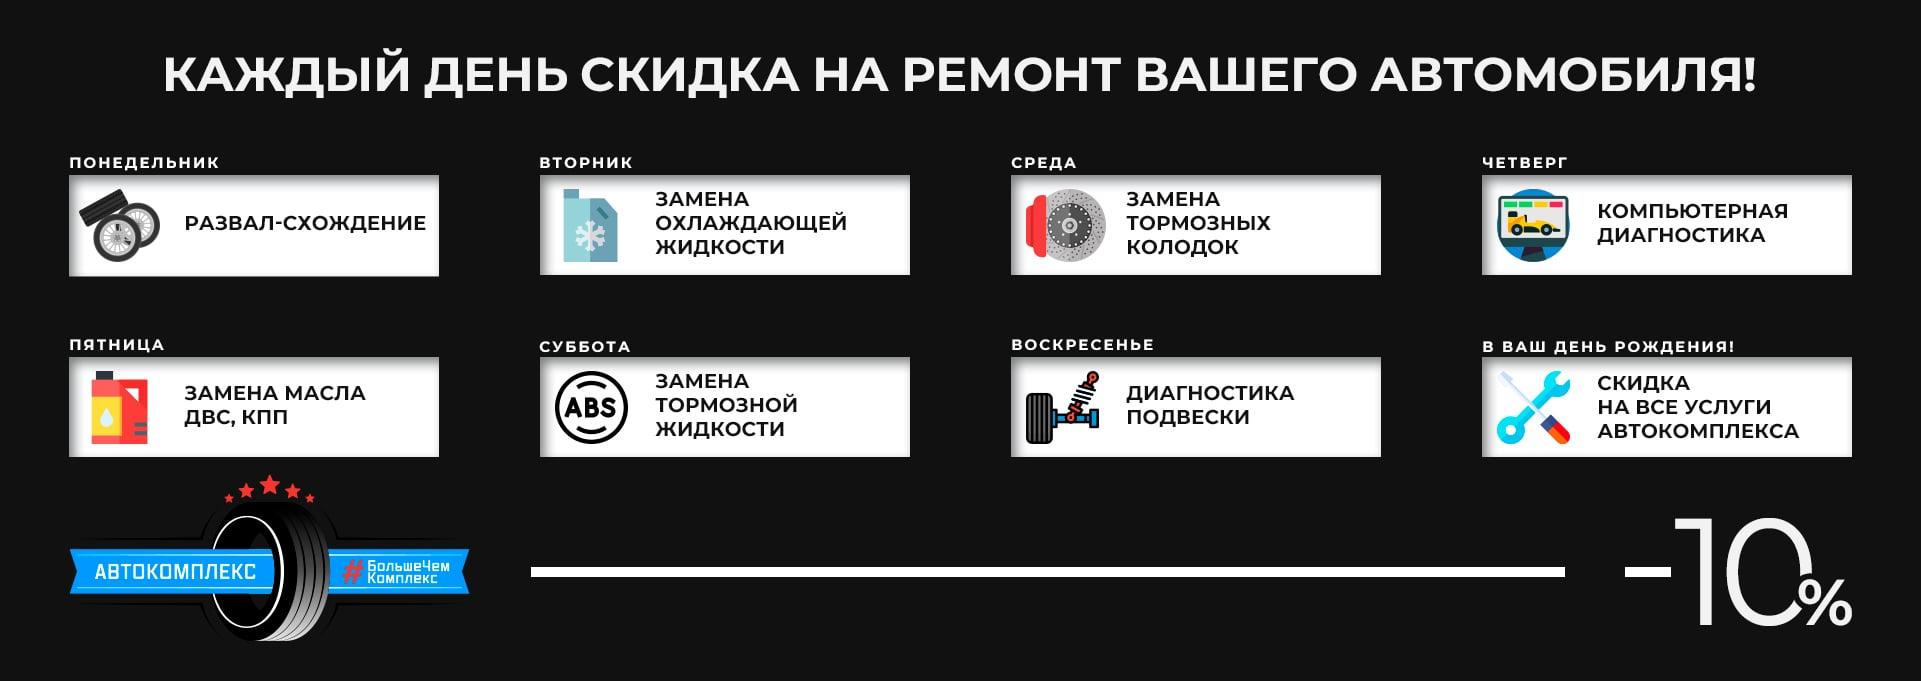 Скидки каждый день   Автокомплекс Кожухово Новокосино